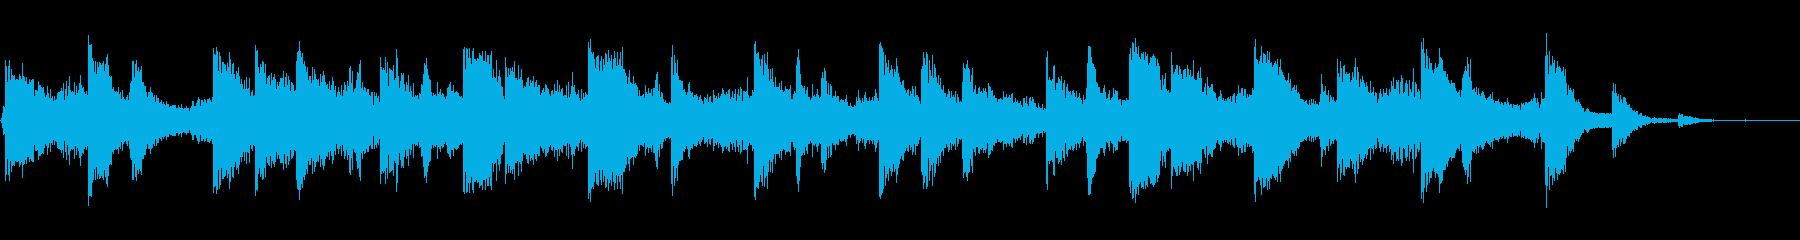 ドリームパルベライザー、マシン、ロ...の再生済みの波形